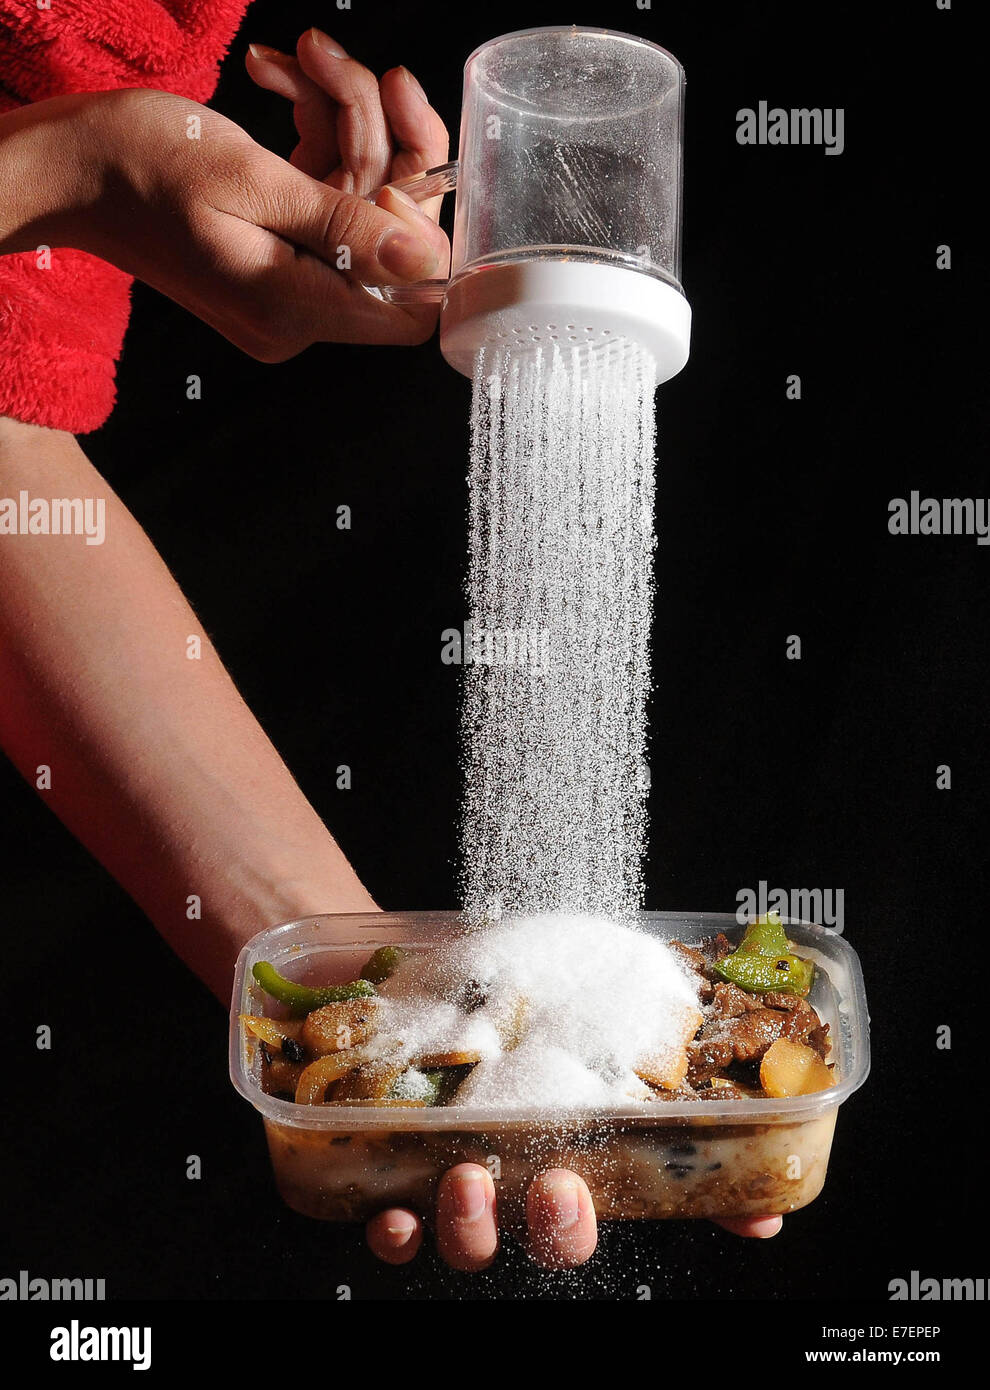 Eine Frau gießt Salz auf eine ungesunde Mahlzeit zum mitnehmen. Stockbild